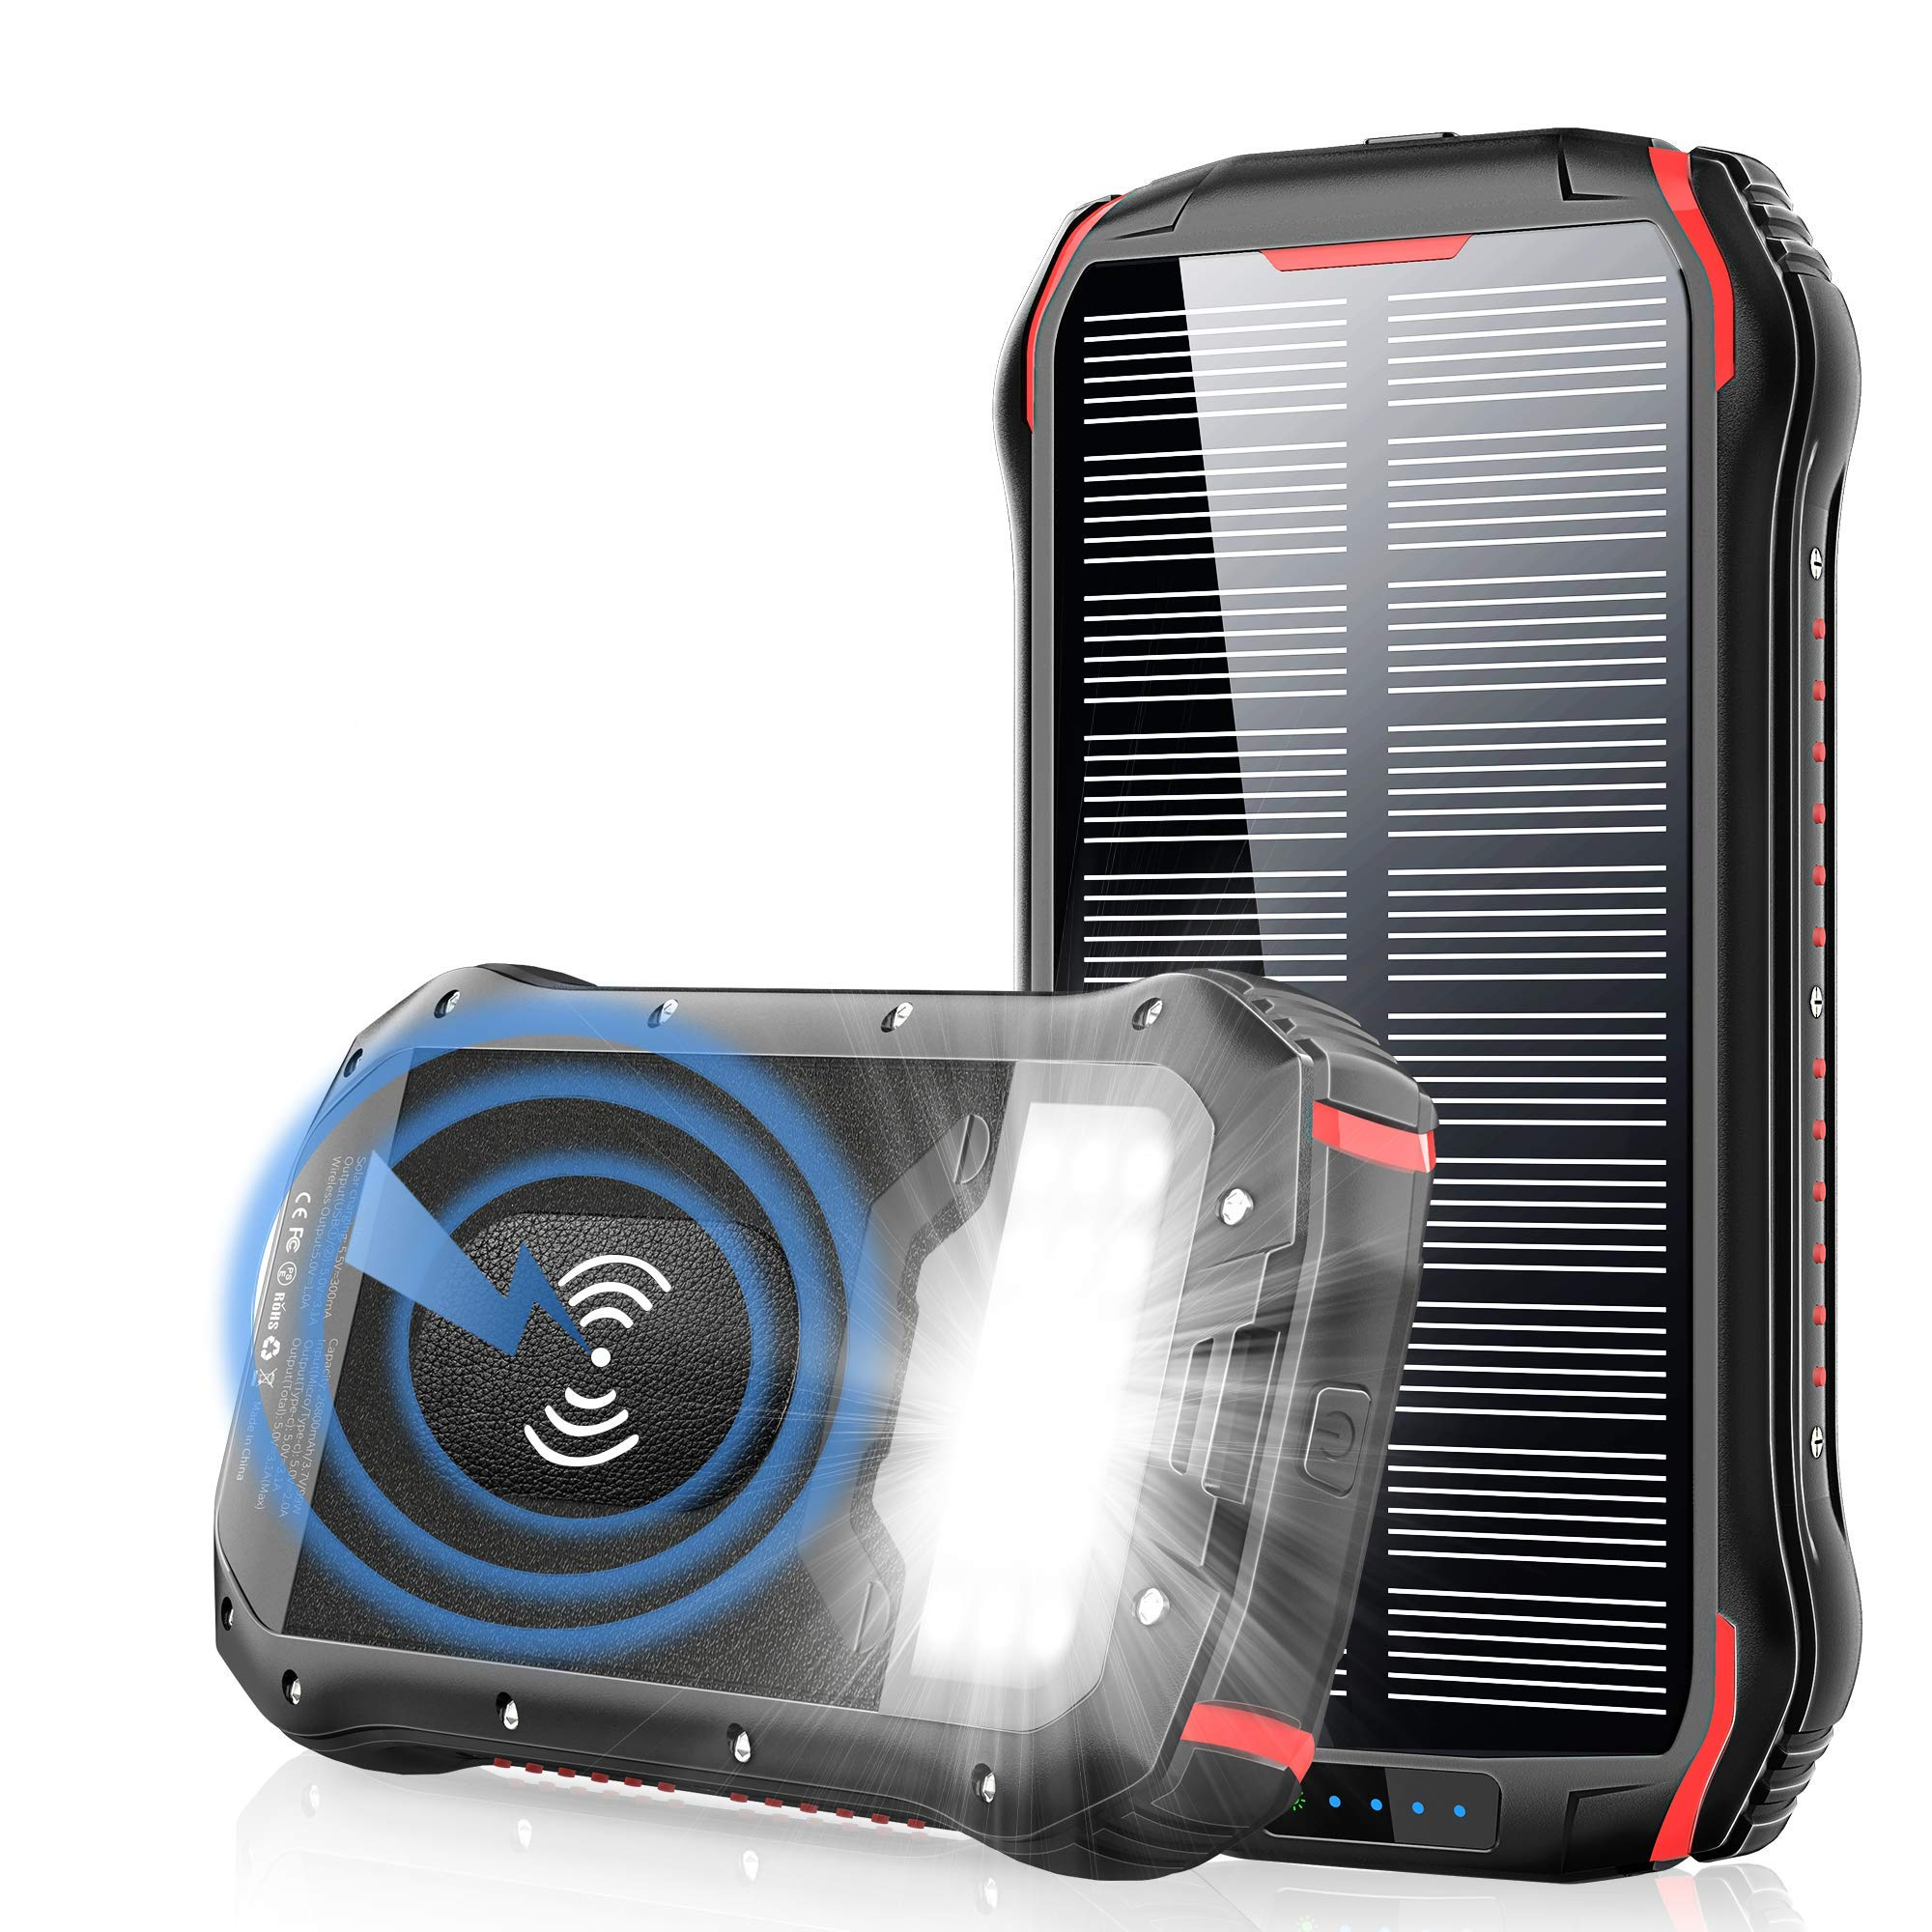 Solar PowerBank 26800mAh Cargador Solar, QI Carga inalámbrico, batería Externa de 4 Puertos (USB/QI), Carga rápida 3.1A Tipo C para Tabletas, Teléfono móvil, Linterna LED 18 para Viajes de Campamento: Amazon.es: Electrónica